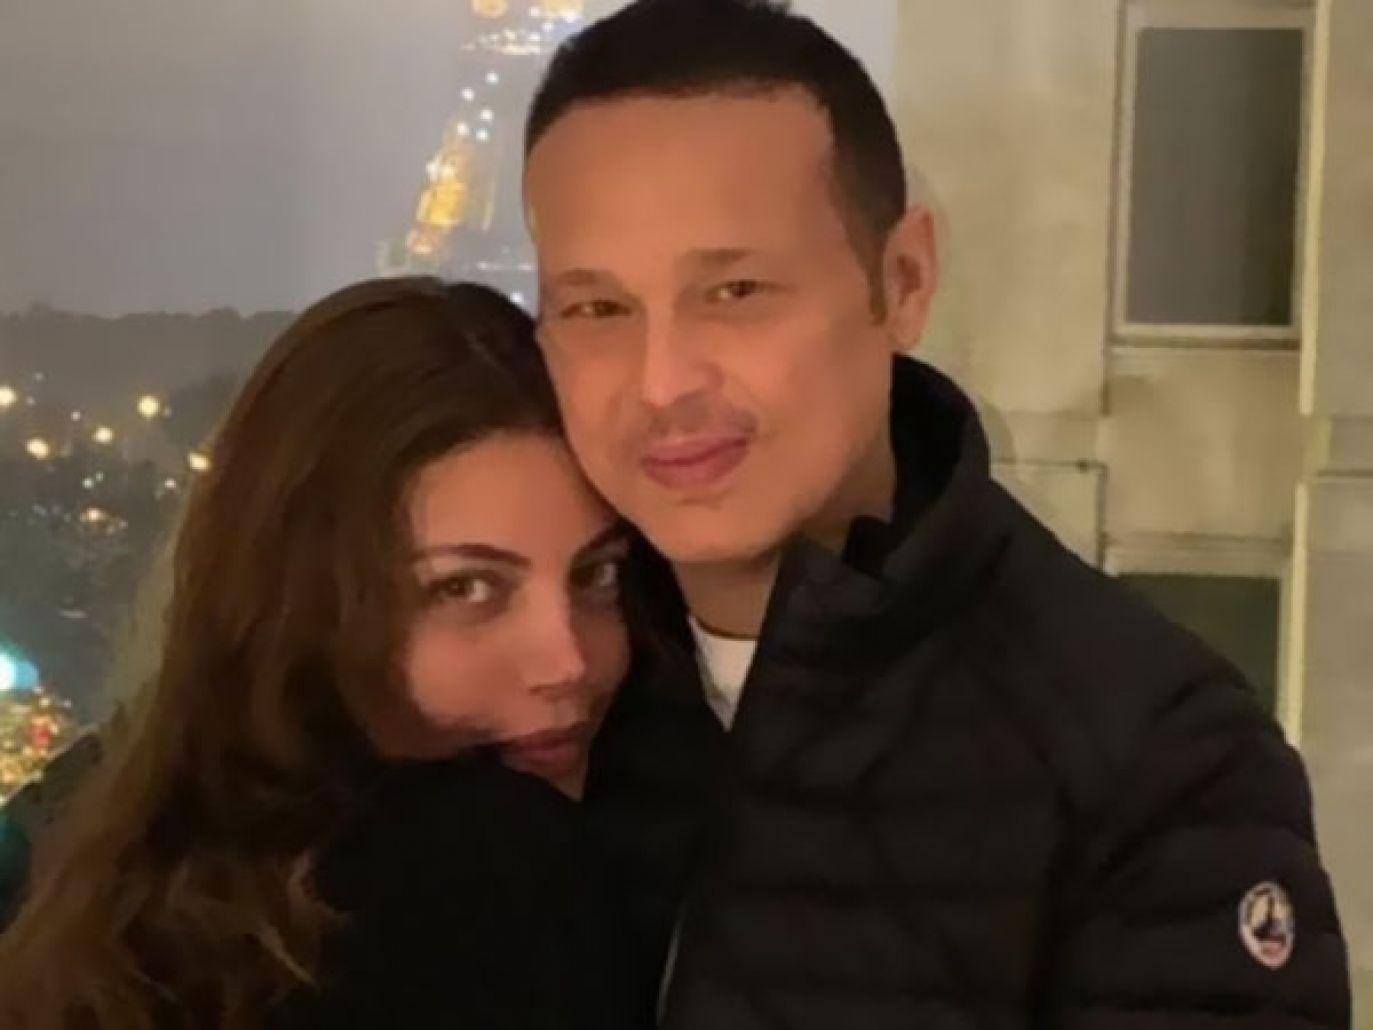 رسائل حب الفنانة ريهام حجاج وزوجها أبو حلاوة تثير جدلاً على السوشيال